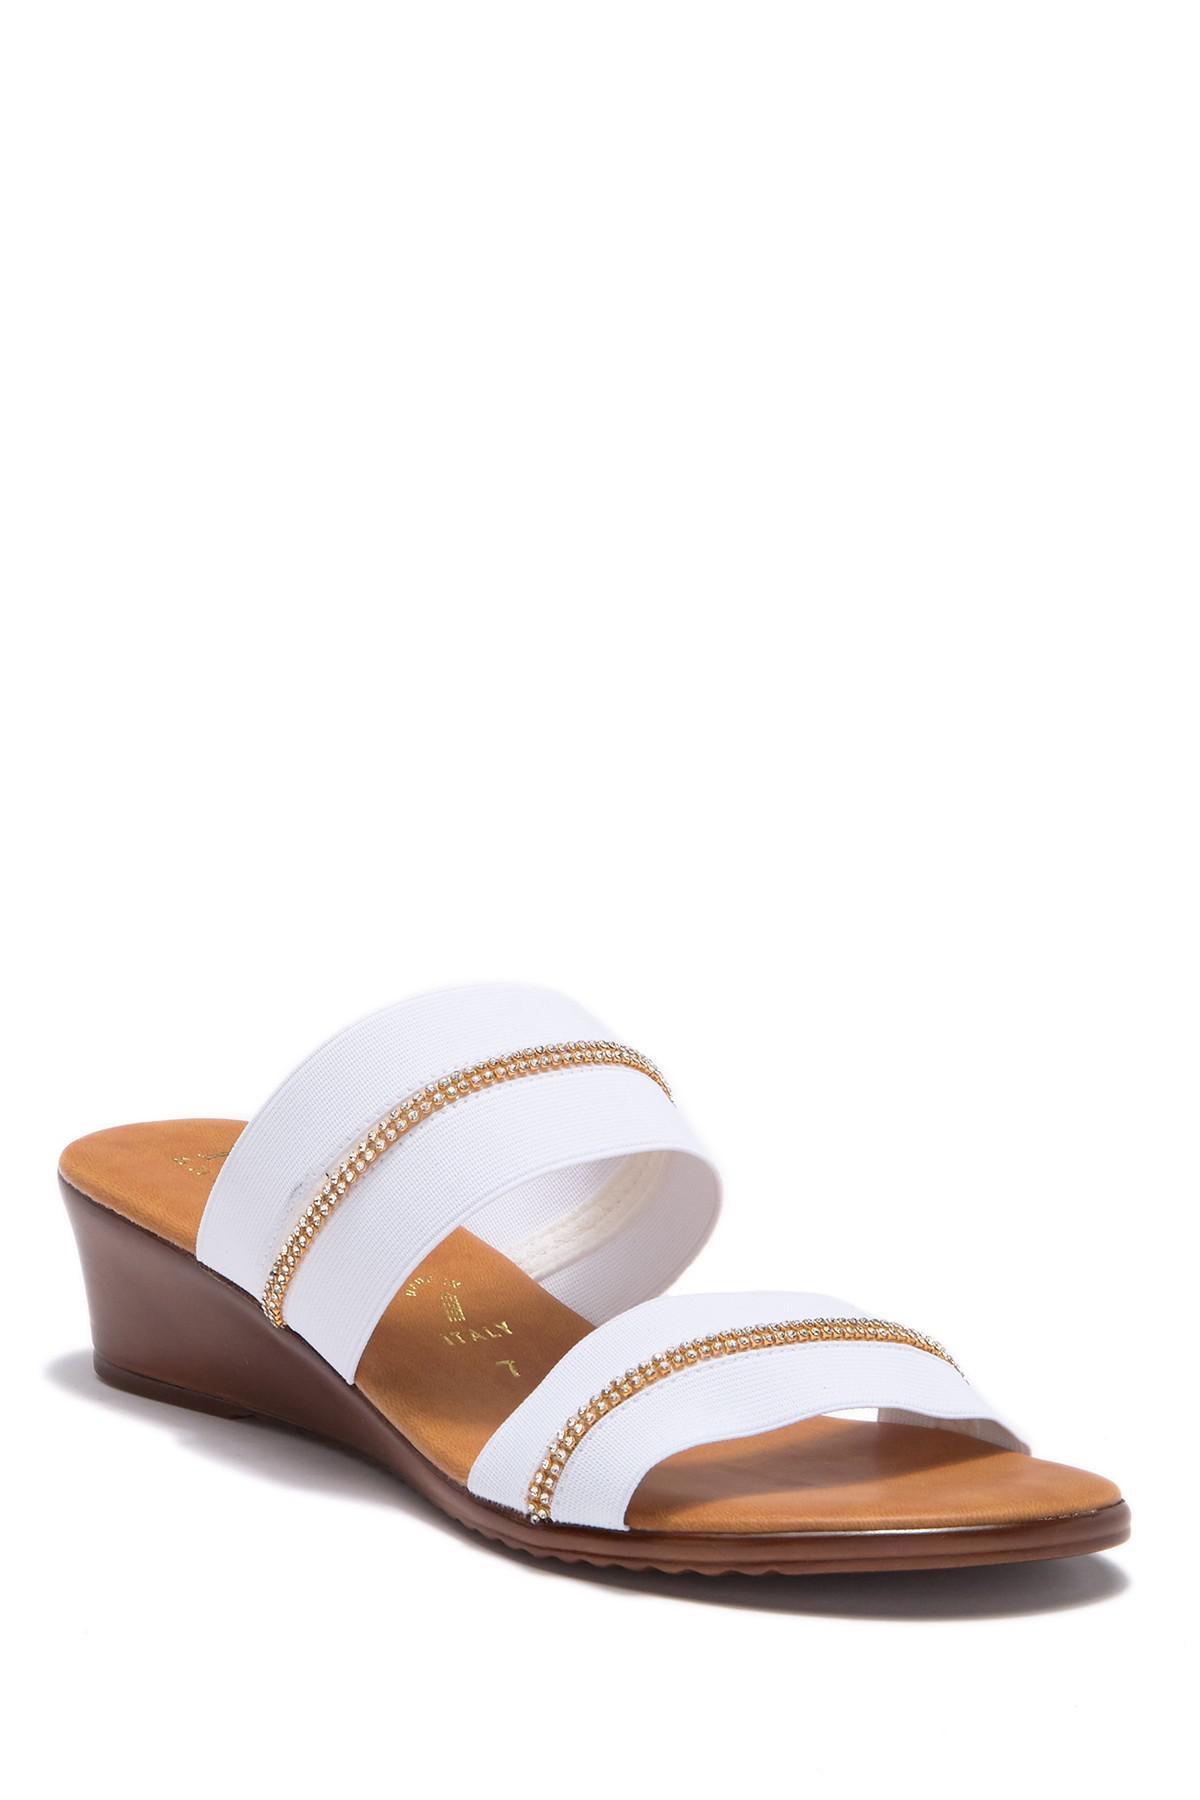 ee9e5afa6a Lyst - Italian Shoemakers Jewel Embellished Wedge Sandal in White